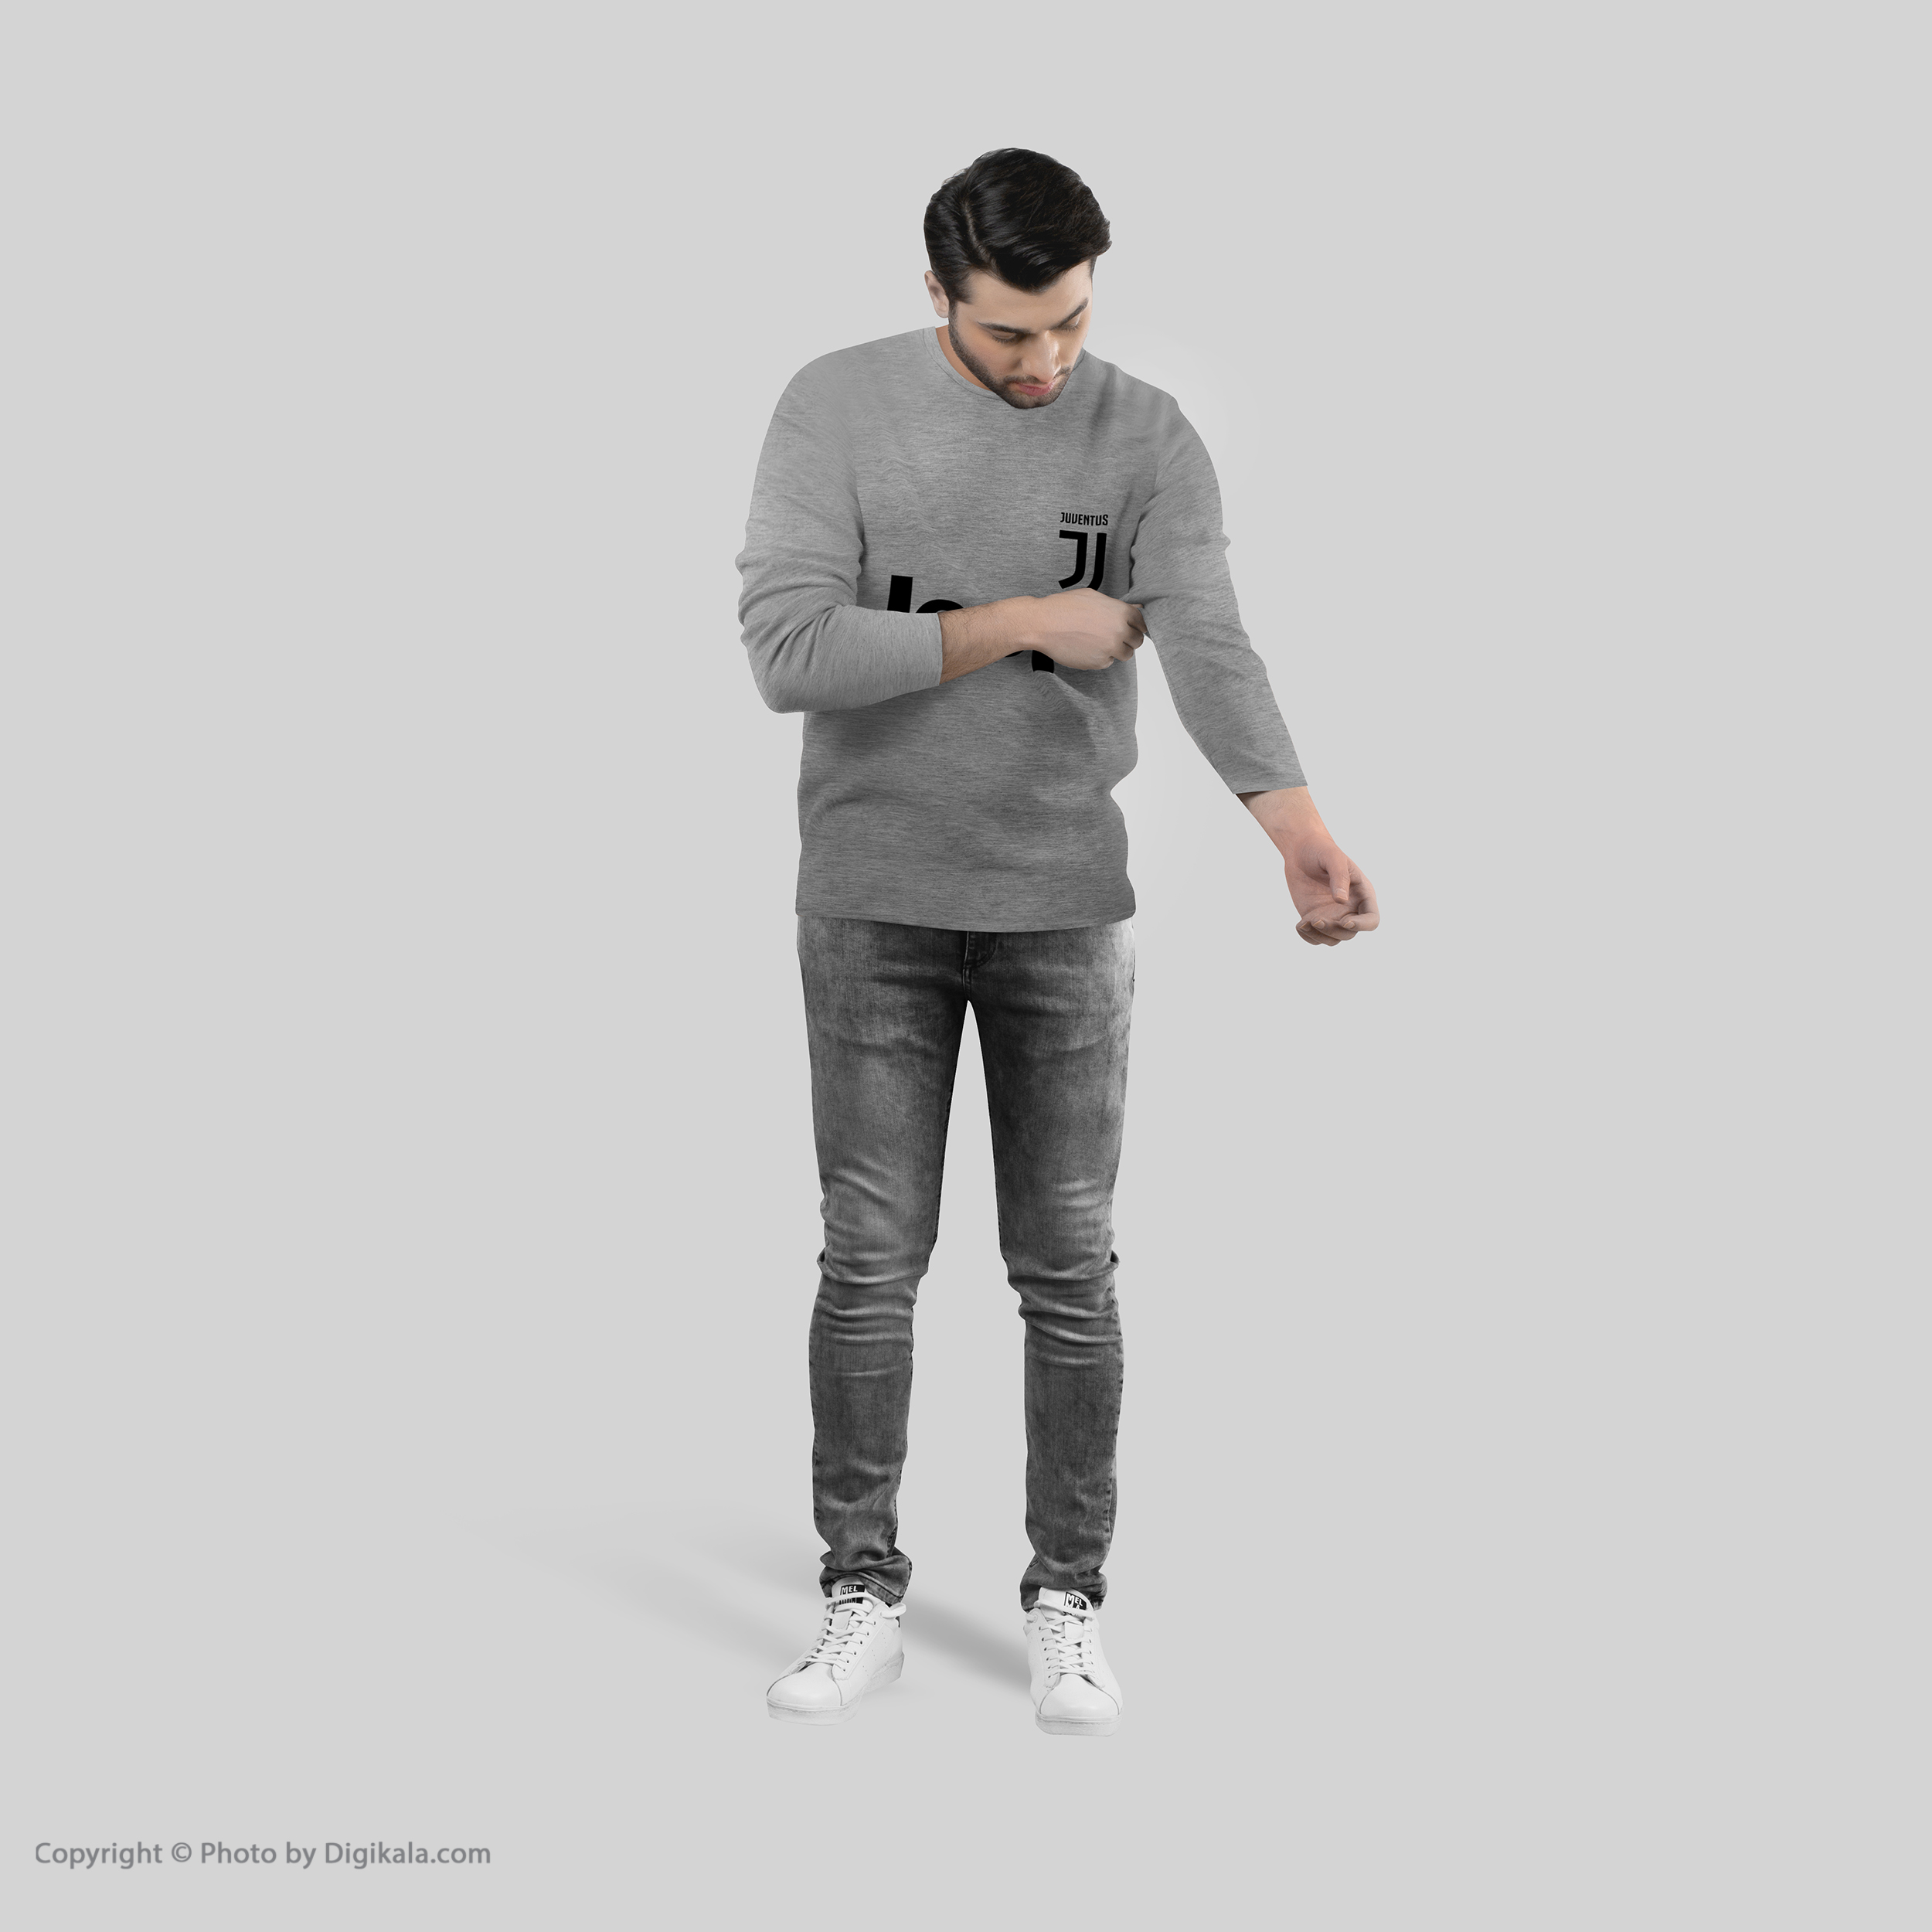 تی شرت آستین بلند مردانه طرح یوونتوس مدل S272